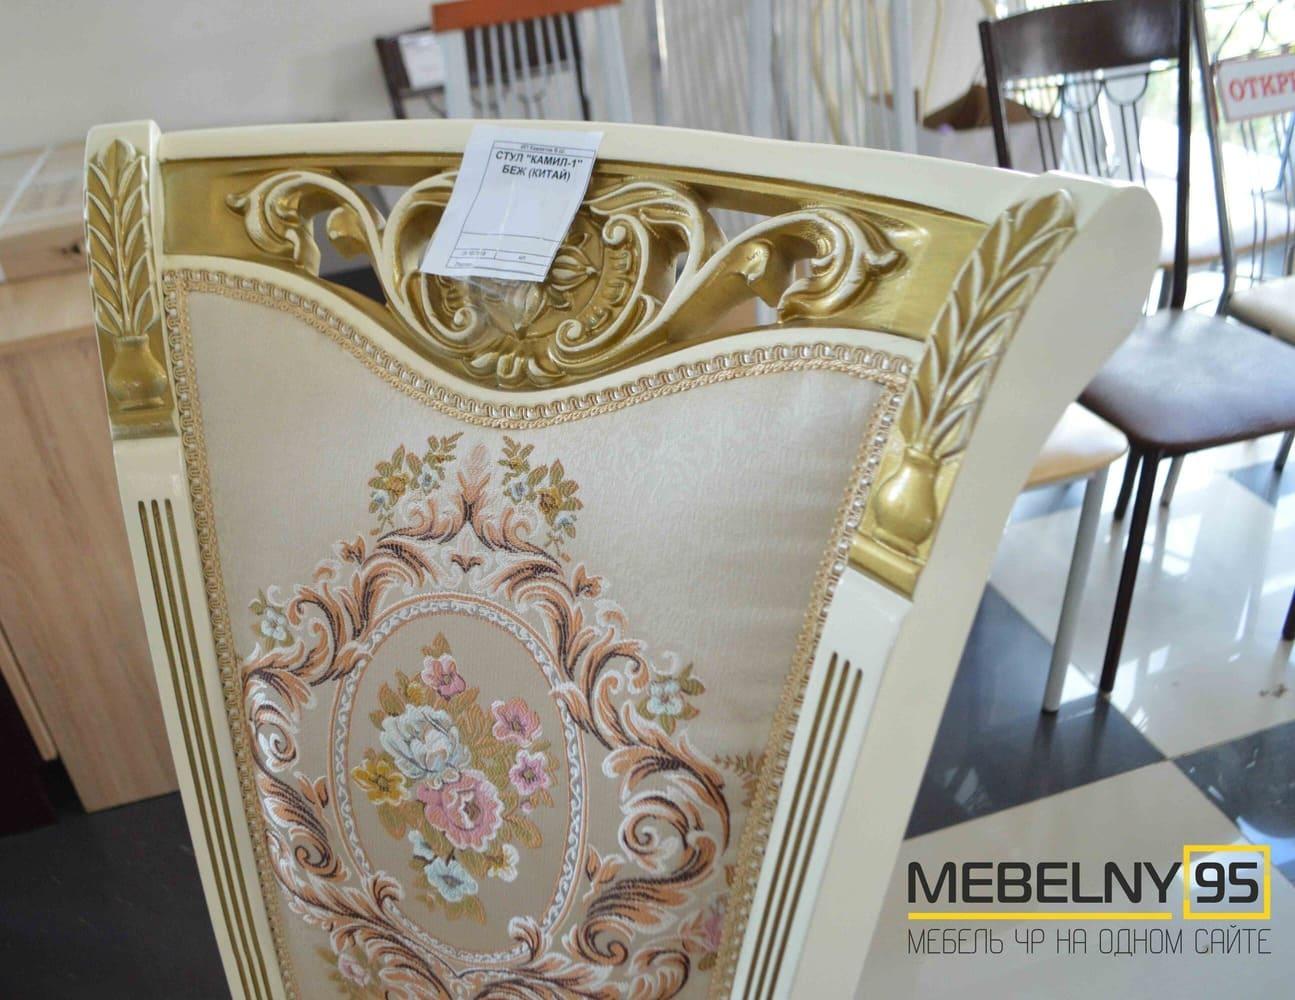 Стулья - изображение №2 на mebelny95.ru